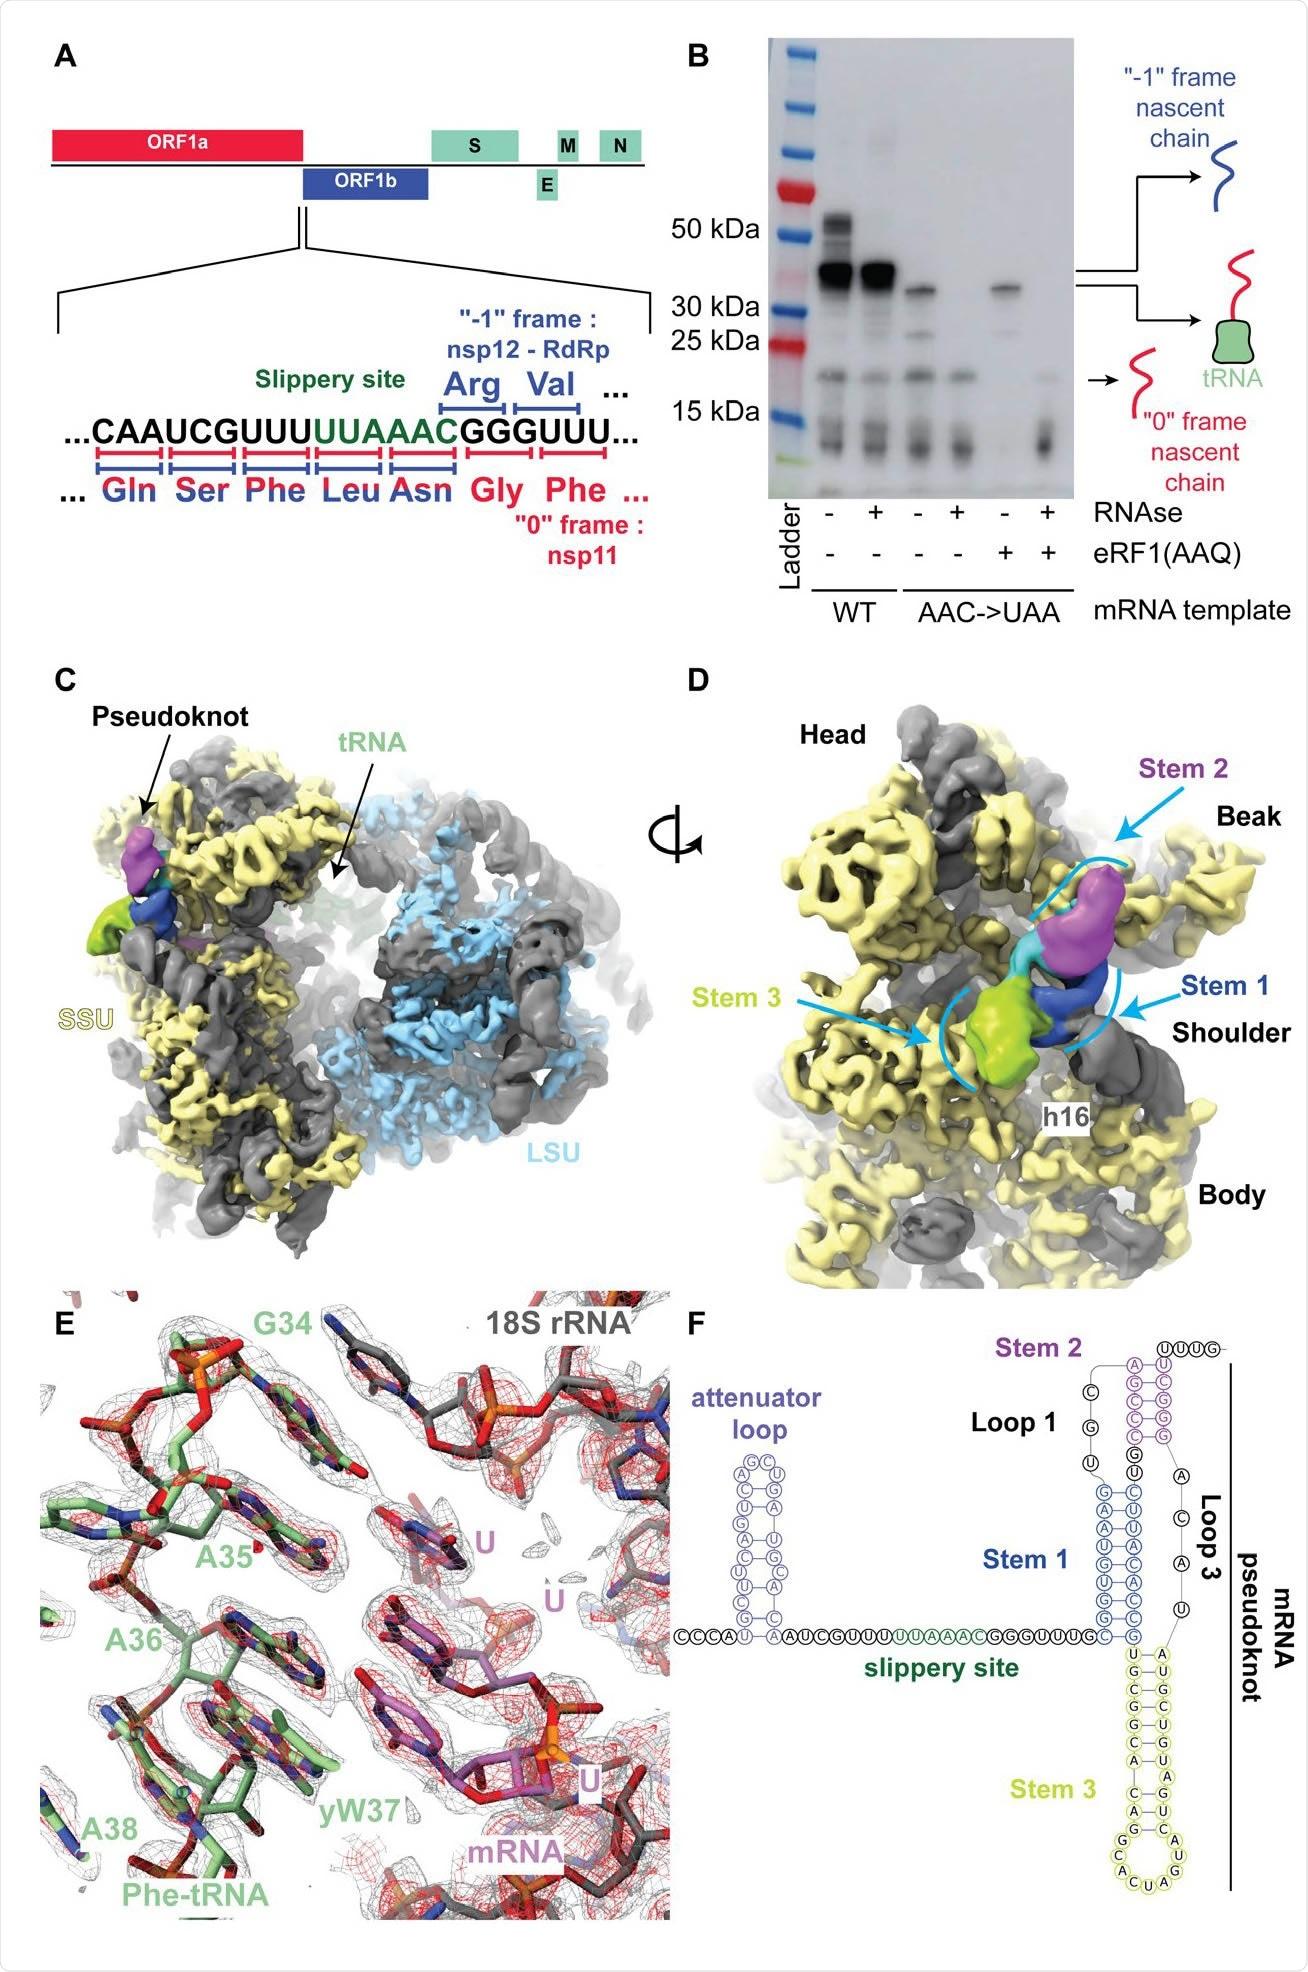 O pseudoknot SARS-Cov-2 interage com o ribosome e pausa tradução a montante do local escorregadiço. (a) Diagrama esquemático do SARS-CoV-2 ORF principal. No fim acima da ideia do evento do frameshift, os codons e os ácidos aminados correspondentes são mostrados. Durante -1 que frameshifting, os codons UUA do local escorregadiço do `